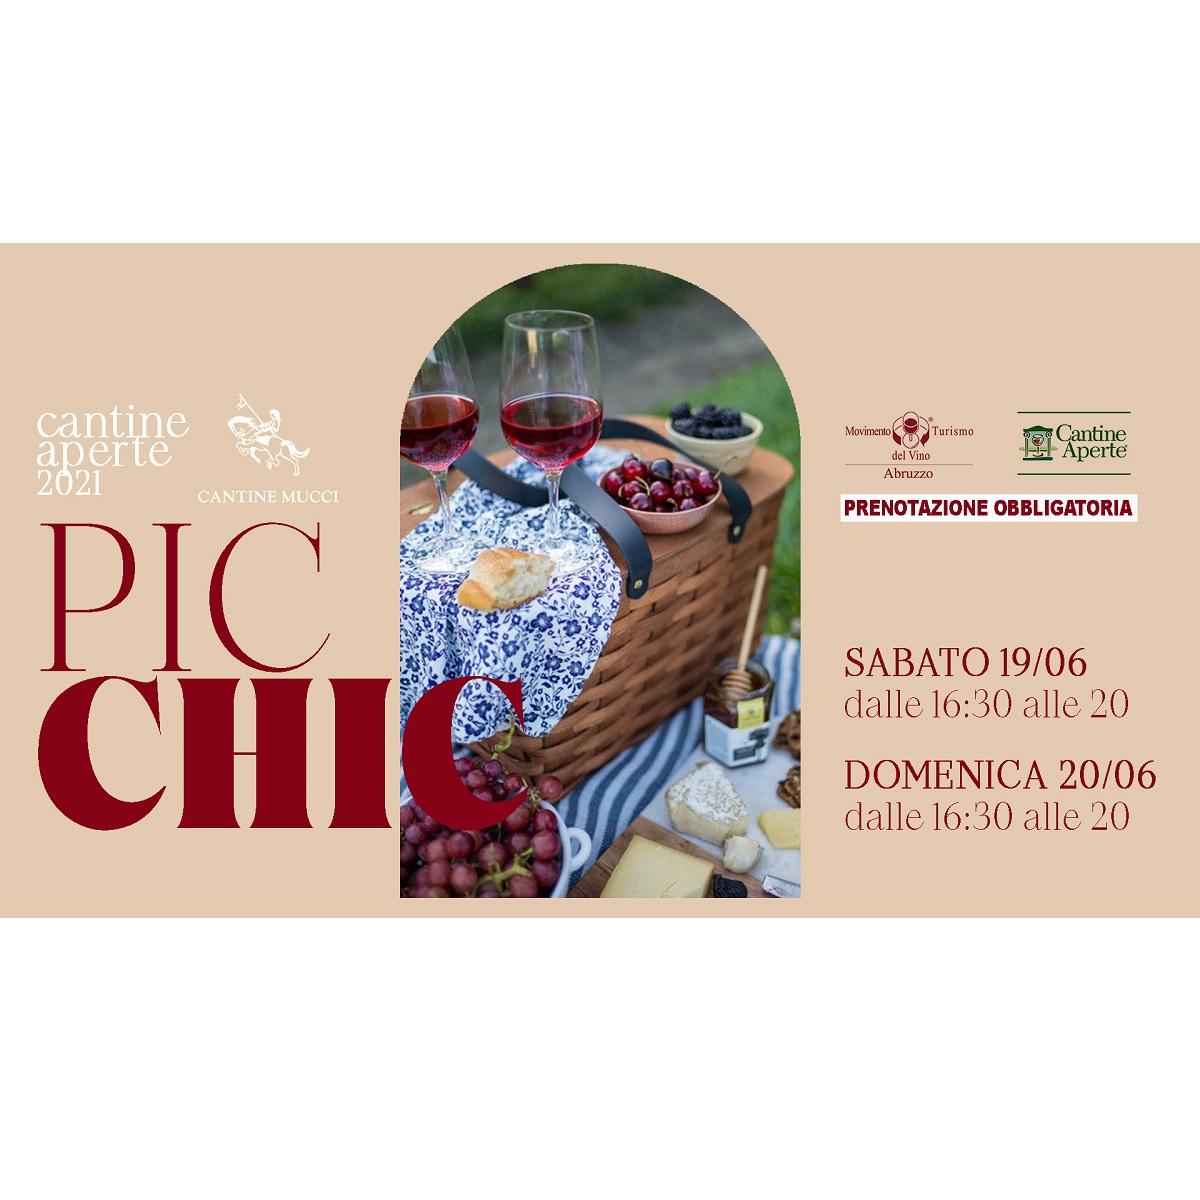 Pic Chic #CantineAperte2021 a Torino di Sangro foto